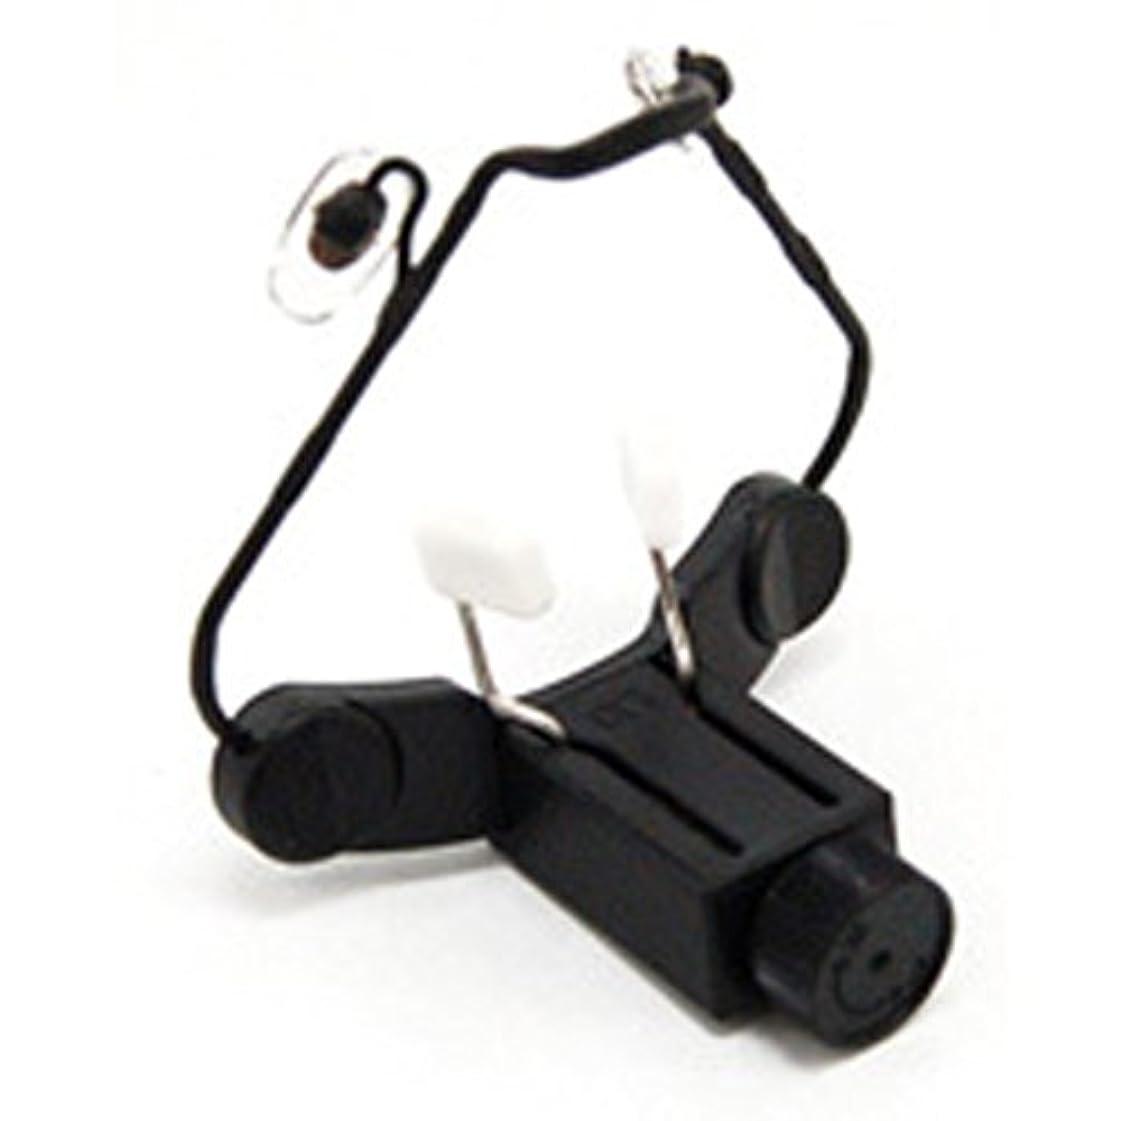 モチーフマーチャンダイジング十代の若者たちハイコ(HICO)美鼻補整器具